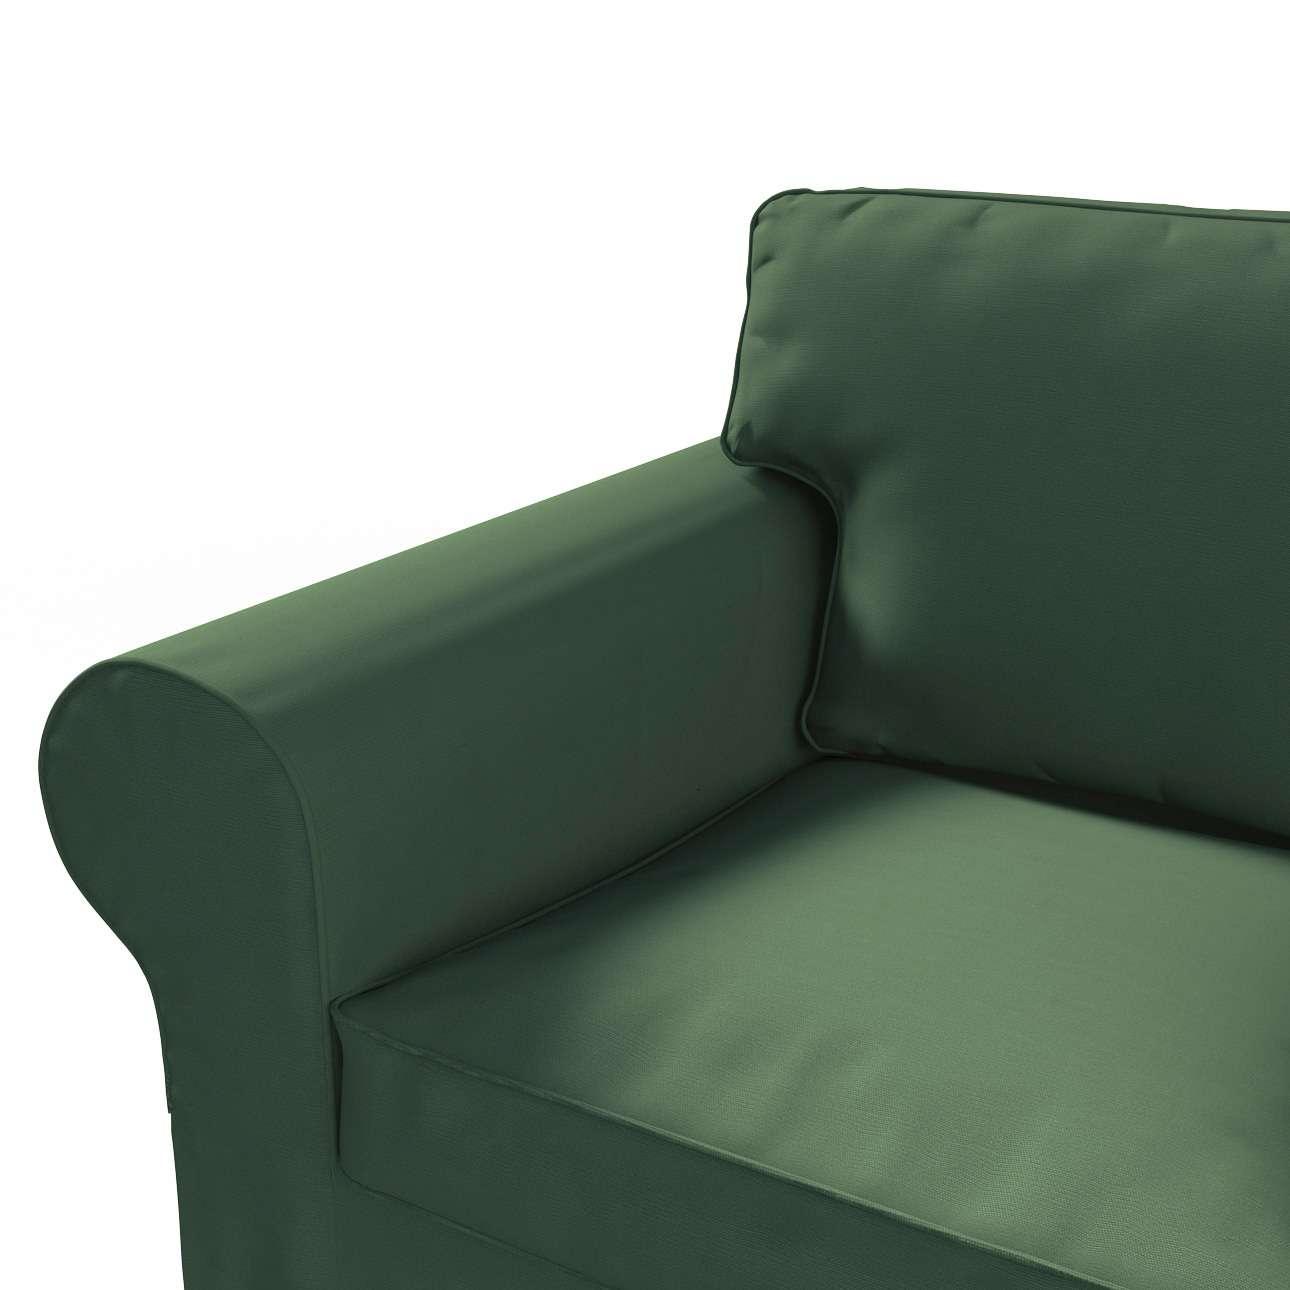 Pokrowiec na sofę Ektorp 2-osobową rozkładana NOWY MODEL 2012 sofa ektorp 2-osobowa rozkładana NOWY MODEL w kolekcji Cotton Panama, tkanina: 702-06